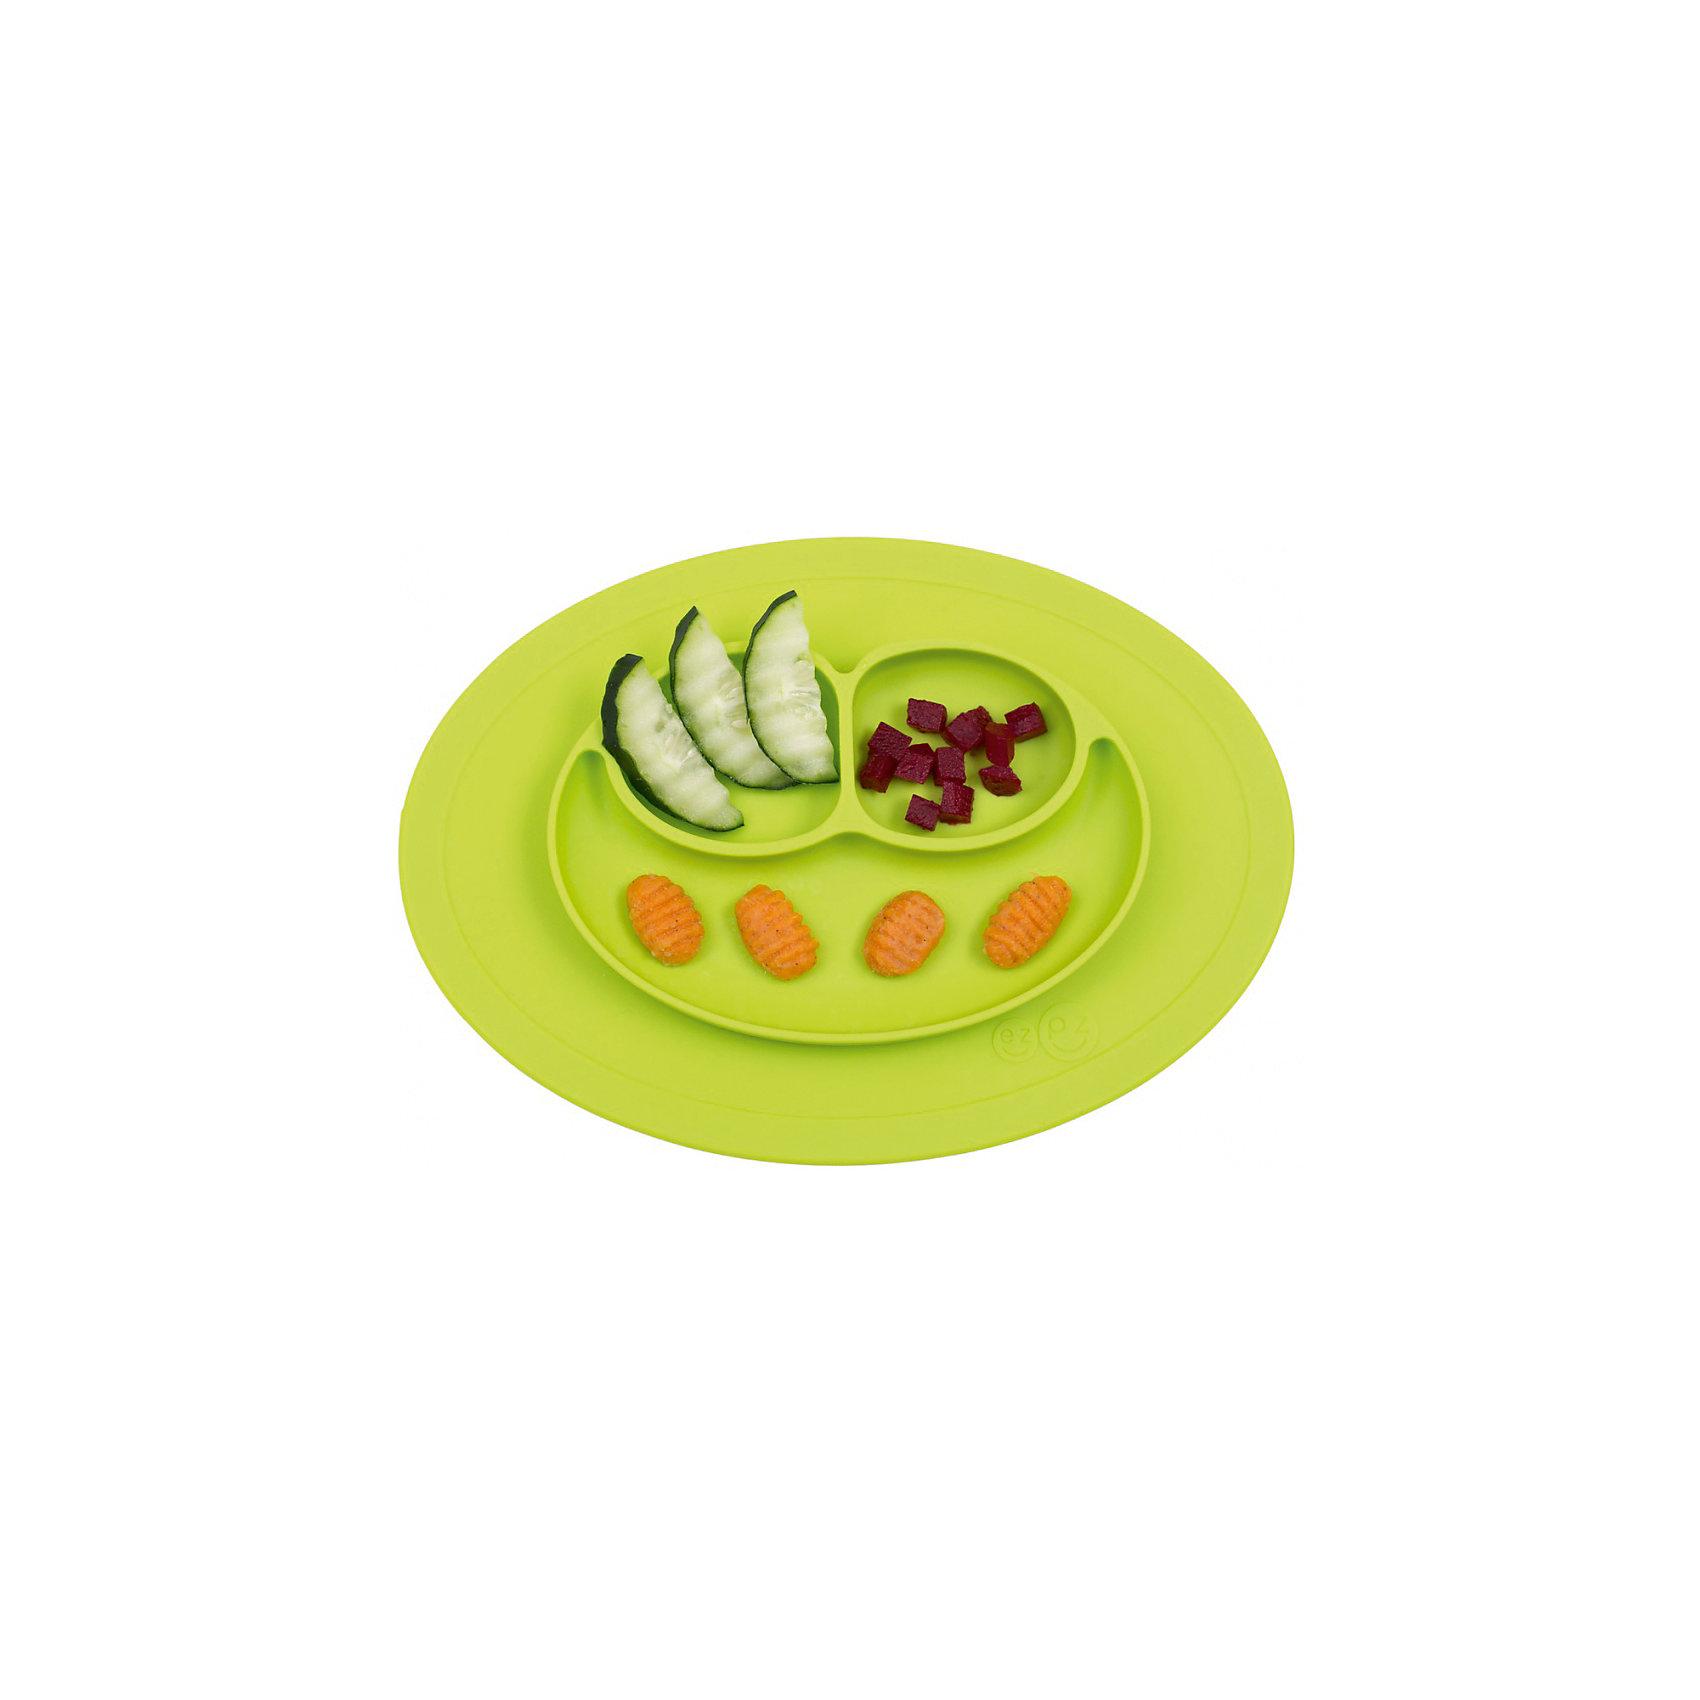 Тарелка малая с подставкой Mini Mat, 240 мл., ezpz, зеленыйПосуда для малышей<br>Тарелка с подставкой Mini Mat, ezpz, зеленый.<br><br>Характеристики:<br>• изготовлена из качественного пищевого силикона<br>• надежно крепится к столу<br>• 3 отсека для еды<br>• удобно брать с собой<br>• подходит для посудомоечной машины и микроволновой печи<br>• не содержит бисфенол, свинец, фталаты, поливинилхлорид<br>• приятный дизайн<br>• состав: 100% силикон<br>• размер: 21,5х19,5х2,5 см<br>• объем: 240 мл<br>• цвет: зеленый<br><br>Тарелка с подставкой Mini Mat, ezpz пригодится, если в доме живут маленькие непоседы. Тарелка имеет 3 глубоких отсека, что позволяет подавать еду раздельно. Вы сможете одновременно подать к столу мясо, гарнир и фрукты, не пачкая лишнюю посуду. Дно тарелки надежно крепится к плоской поверхности - вы можете не переживать, что малыш опрокинет еду и обожжется. Небольшой размер позволит брать тарелку с собой в дорогу. Приятный дизайн тарелки понравится ребенку, и он обязательно будет есть с аппетитом!<br><br><br>Вы можете купить тарелку с подставкой Mini Mat, ezpz, зеленый в нашем интернет-магазине.<br><br>Ширина мм: 210<br>Глубина мм: 25<br>Высота мм: 195<br>Вес г: 323<br>Возраст от месяцев: 0<br>Возраст до месяцев: 36<br>Пол: Унисекс<br>Возраст: Детский<br>SKU: 5068715